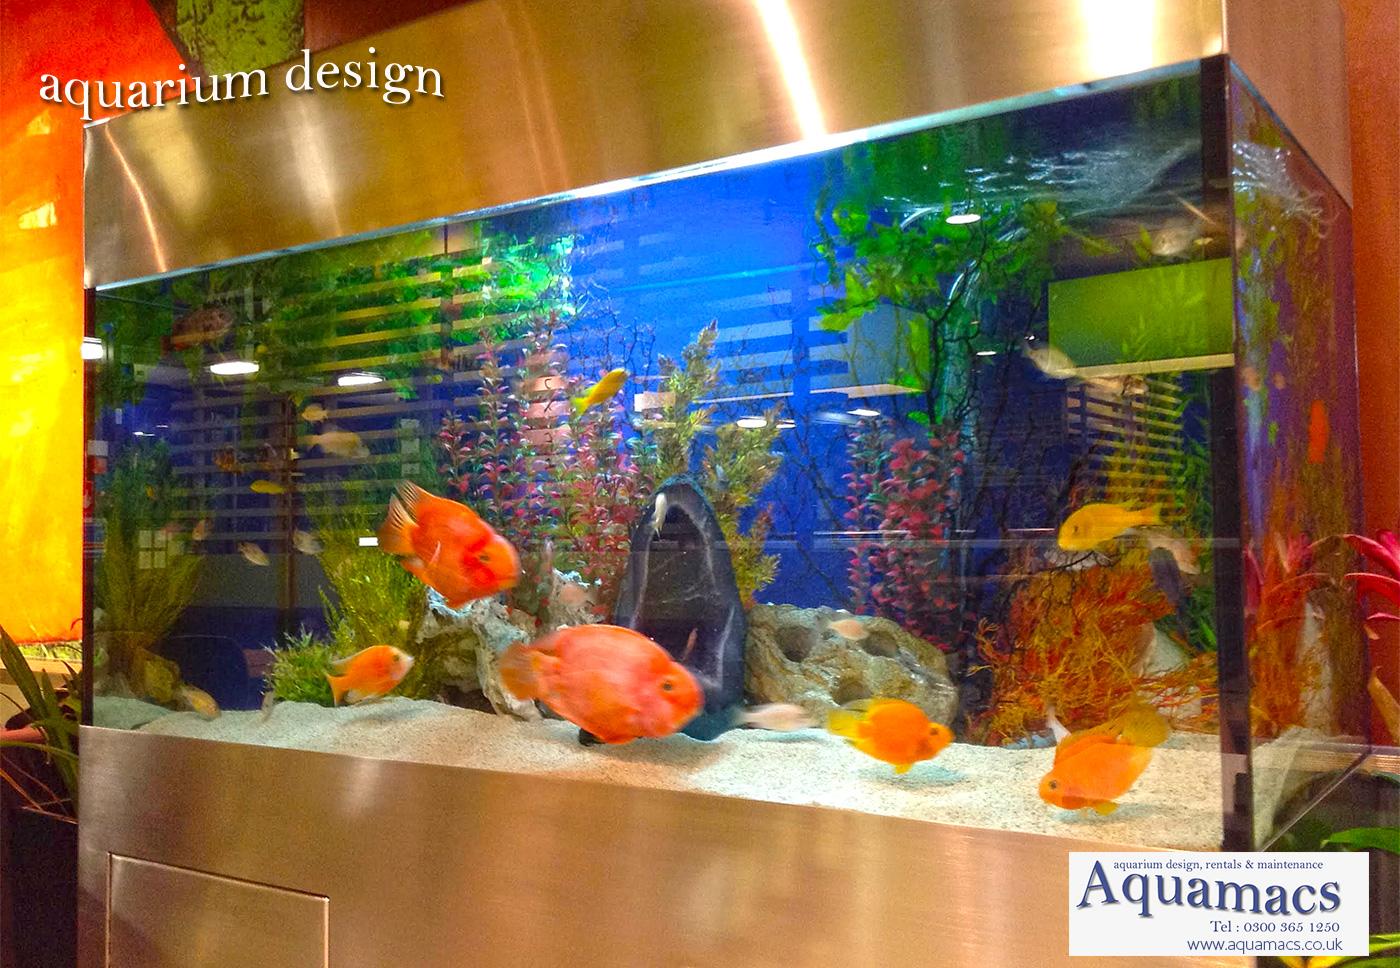 Buy fish for aquarium london - New Stainless Steel Aquarium Installation In London